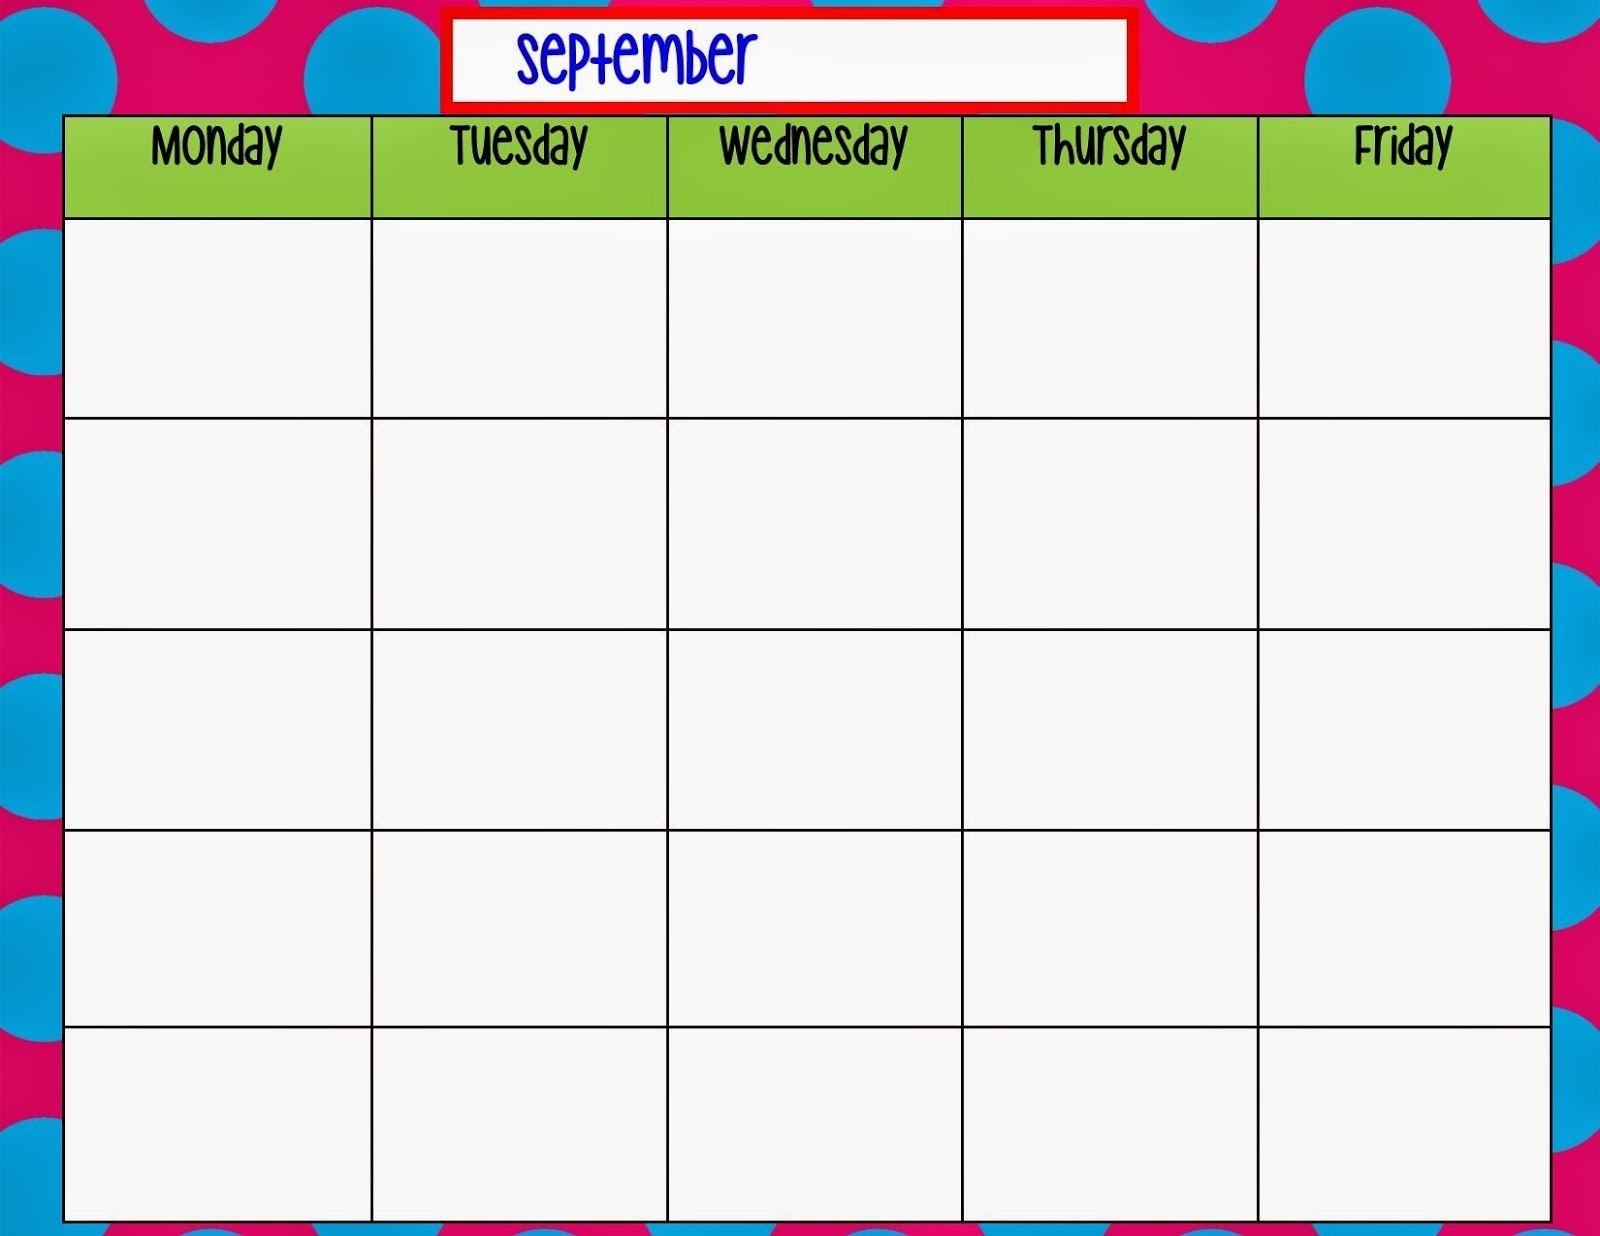 Monday Through Friday Calendar Template | Preschool | Printable throughout Monday Through Friday Weekly Calendar